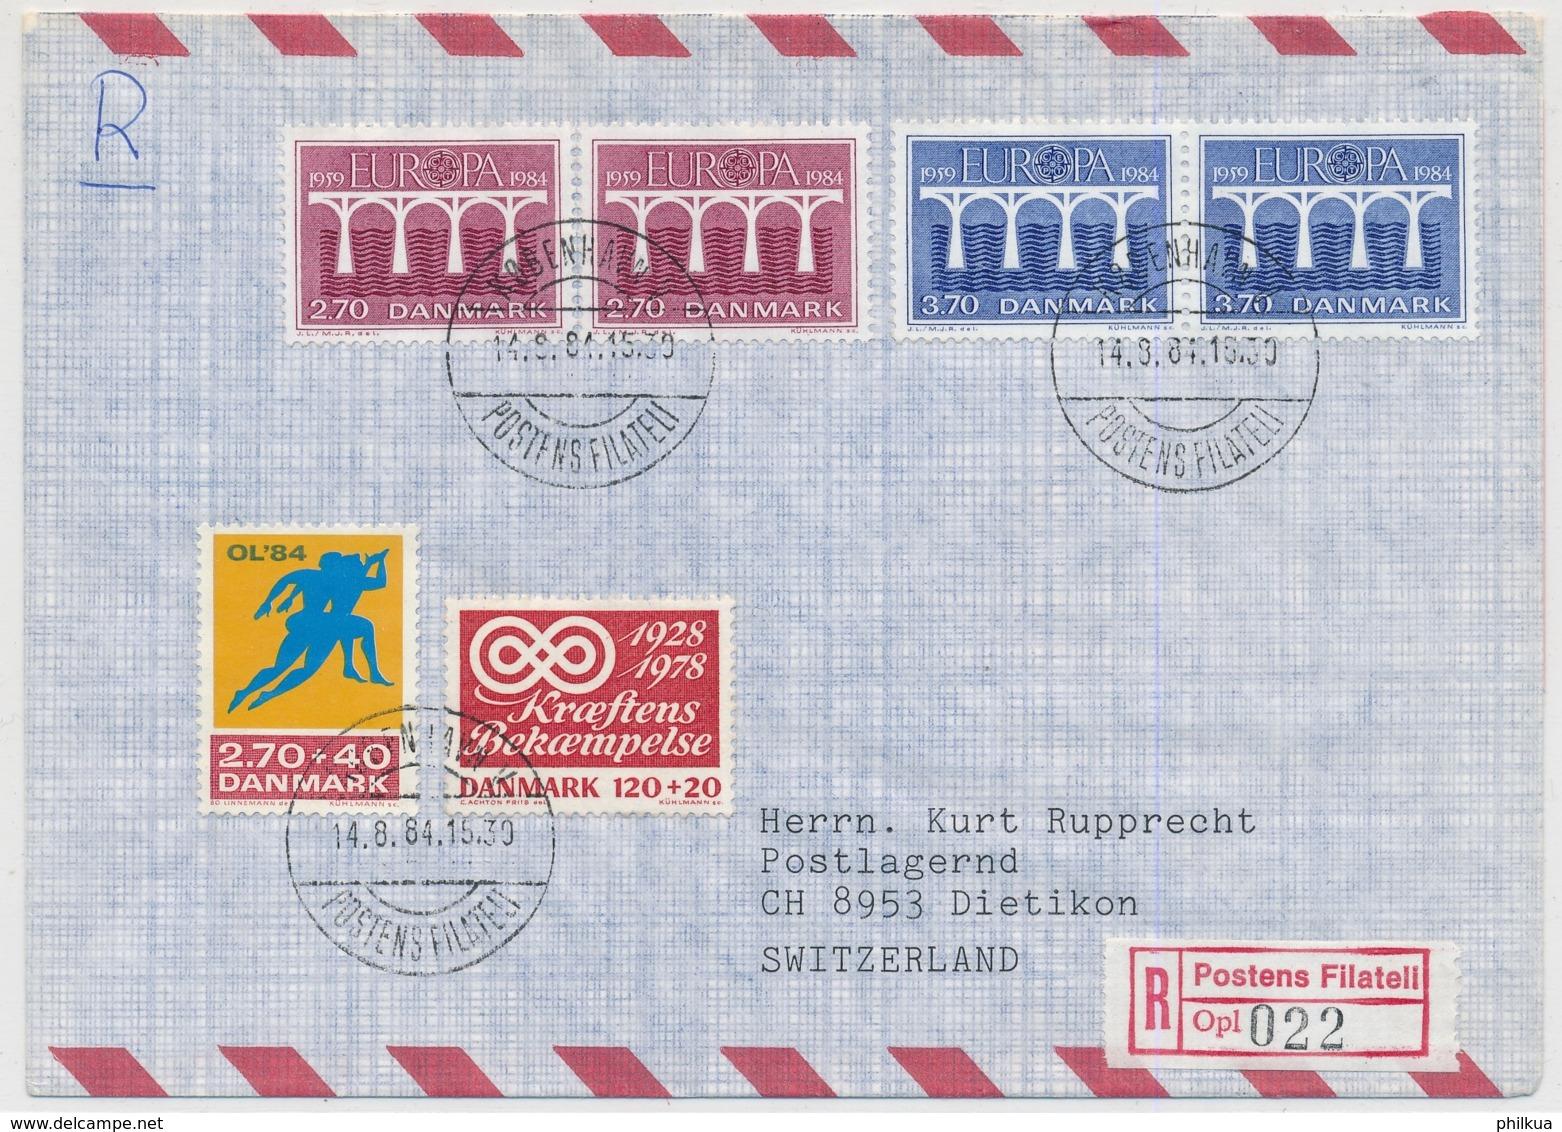 Dänemark - Europamarken 1984 Auf R-Brief Gelaufen Københaven Valby - DIETIKON Schweiz Mit Ankunfts-Stempel - Europa-CEPT